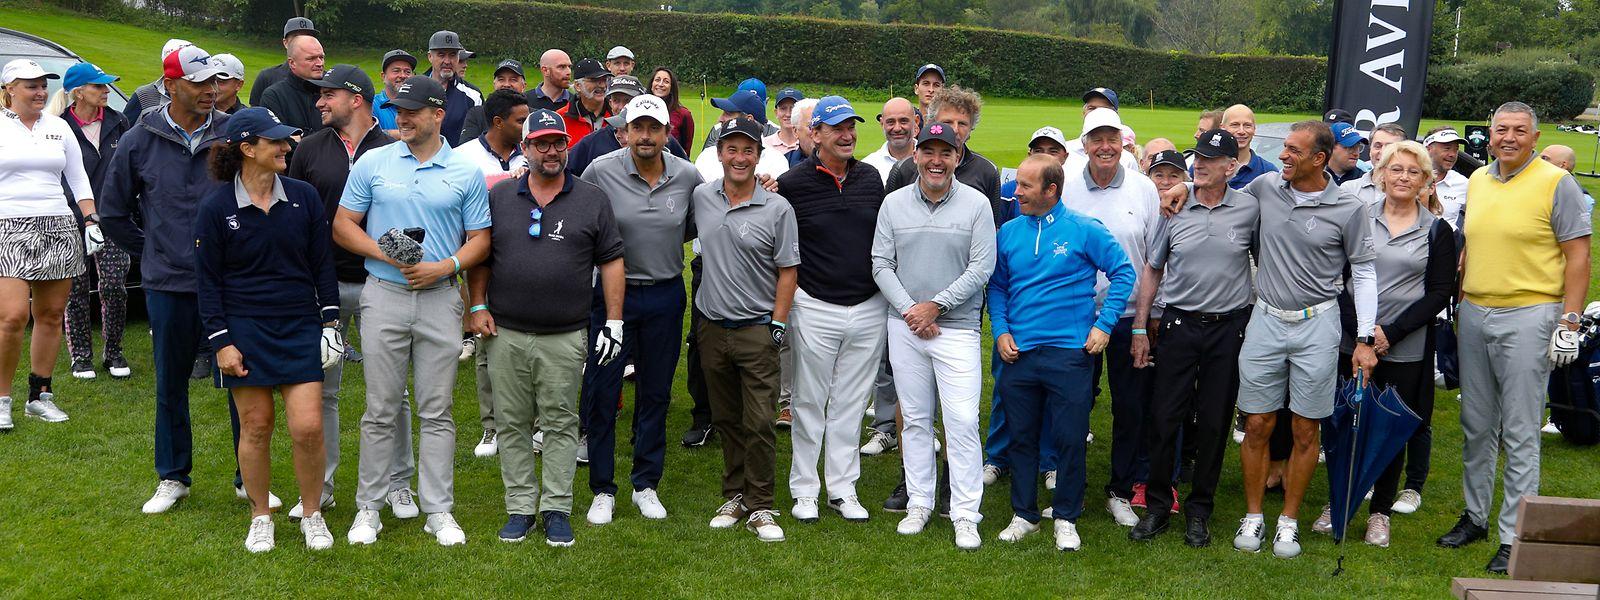 Im Kikuoka Country Club in Lenningen spielten Amateure und Prominente aus Sport und Medien gemeinsam Golf.